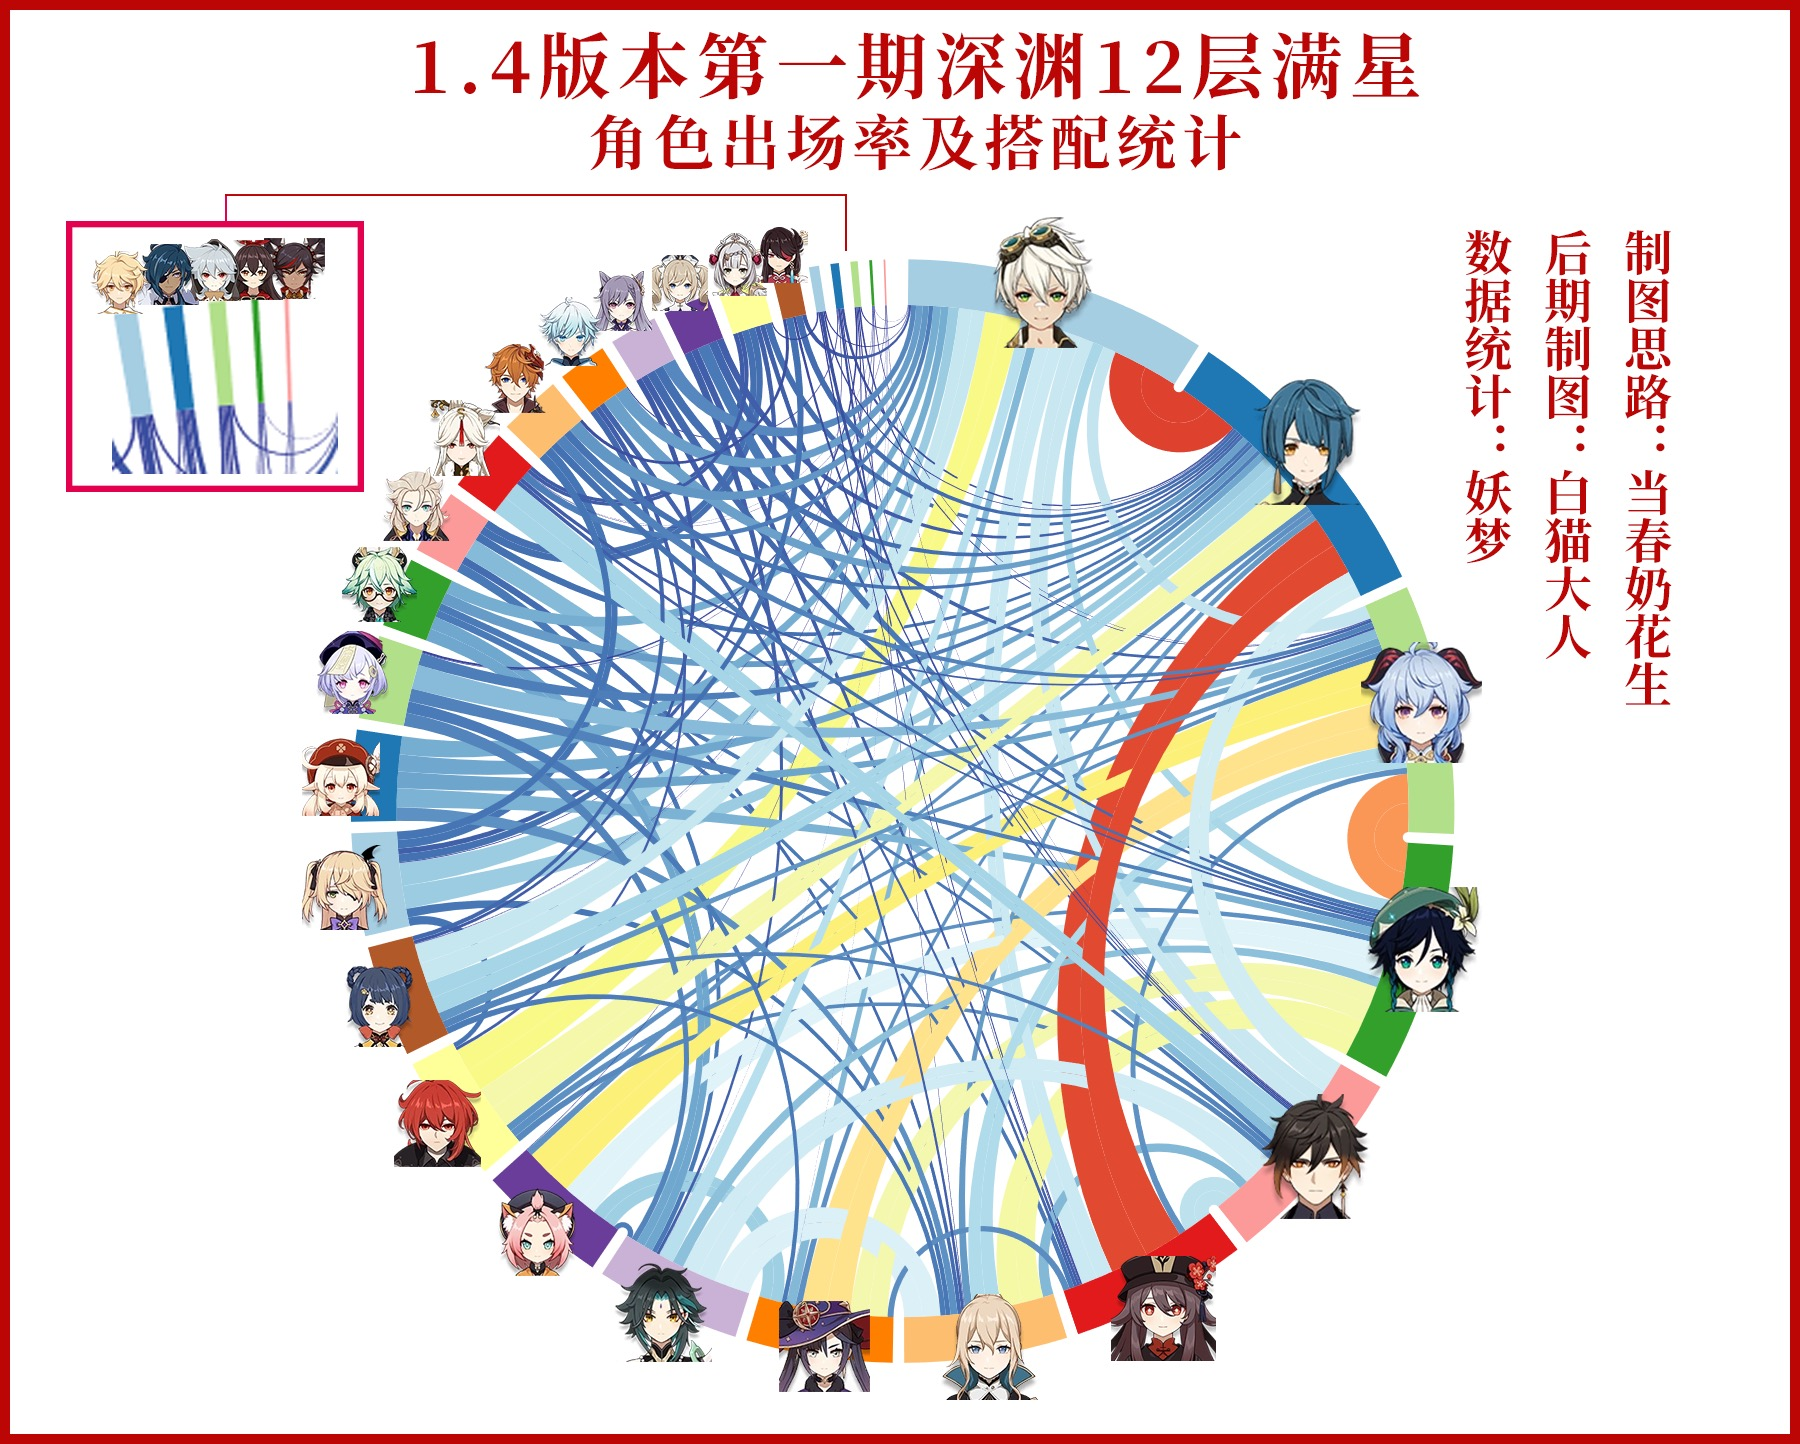 【原神】螺旋12層の全星プレイヤーのキャラ組み合わせ使用率を見ると恒常ガチャで使えるのが分かるぞ